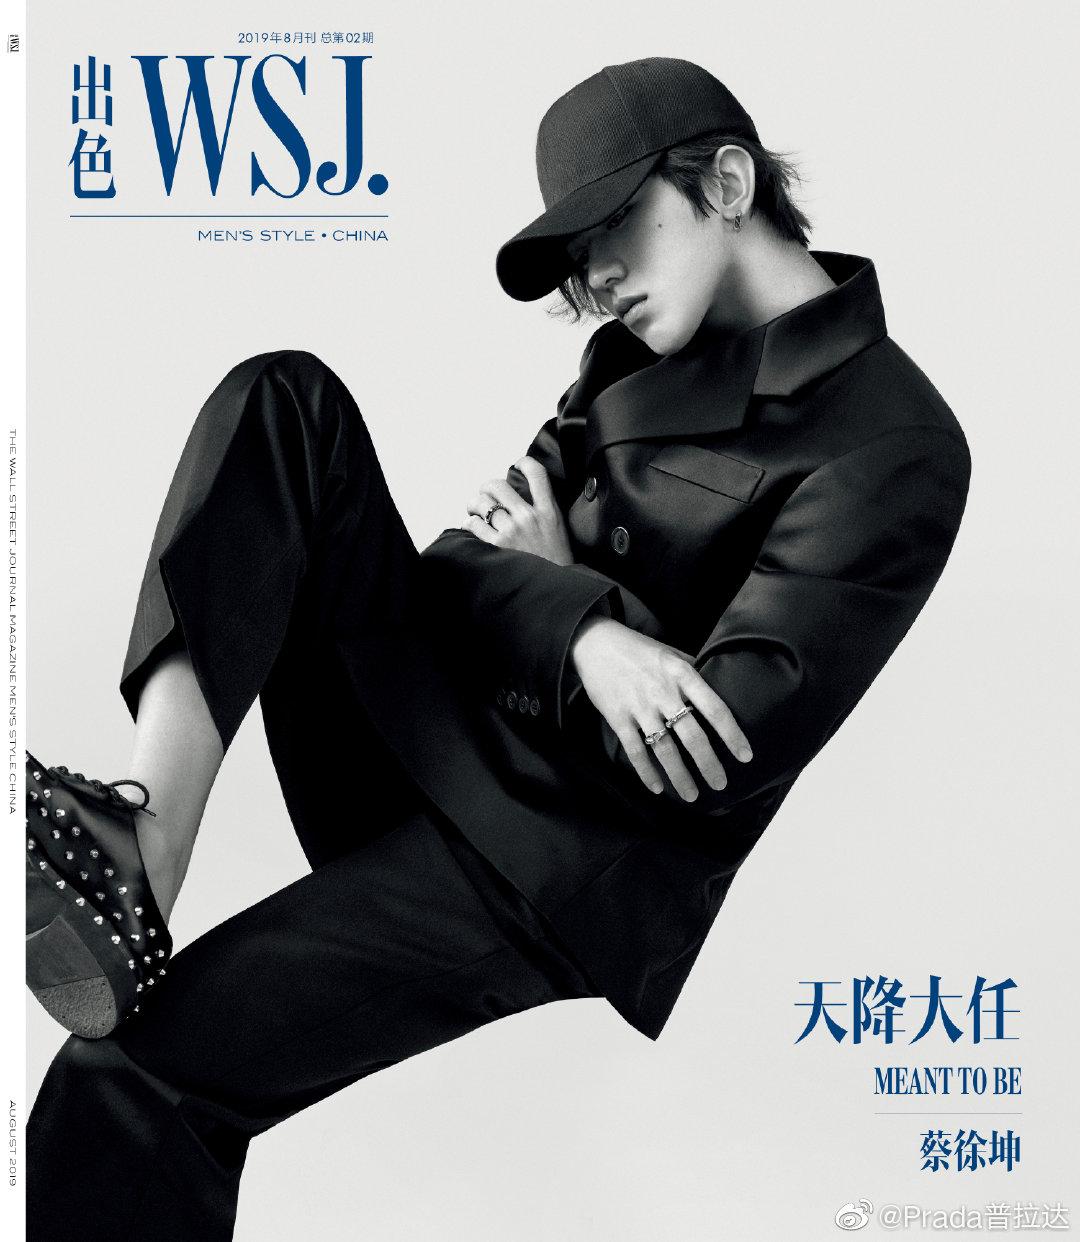 蔡徐坤身着Prada登《出色WSJ。》封面